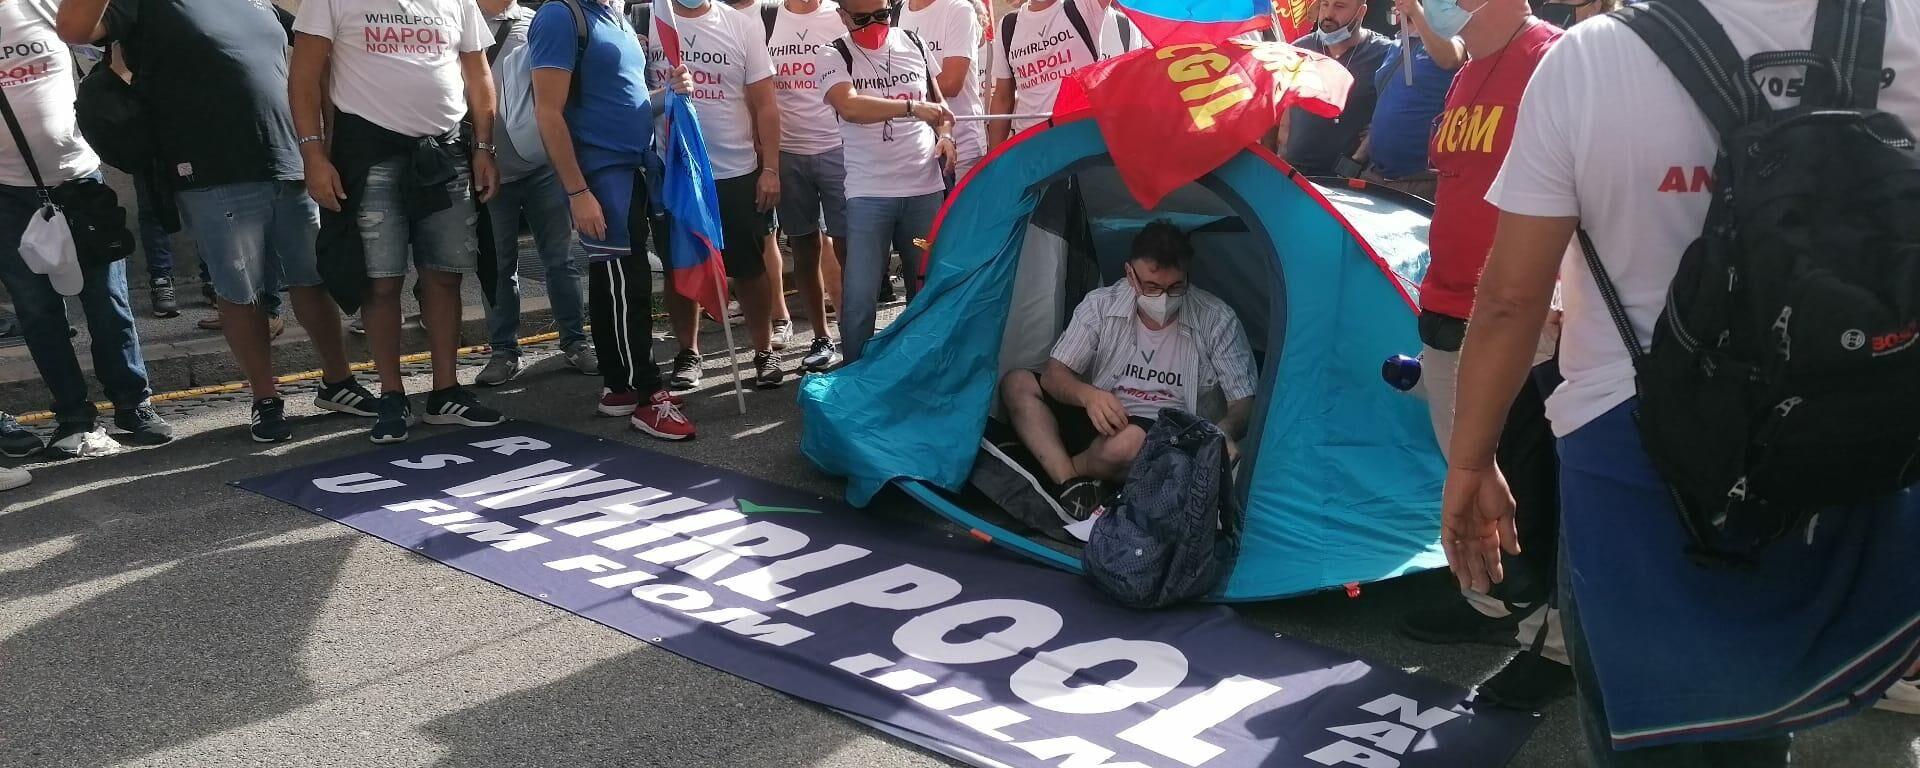 Lavoratori Whirlpool di Napoli protestano a Roma, giovedì 16 settembre 2021 - Sputnik Italia, 1920, 16.09.2021